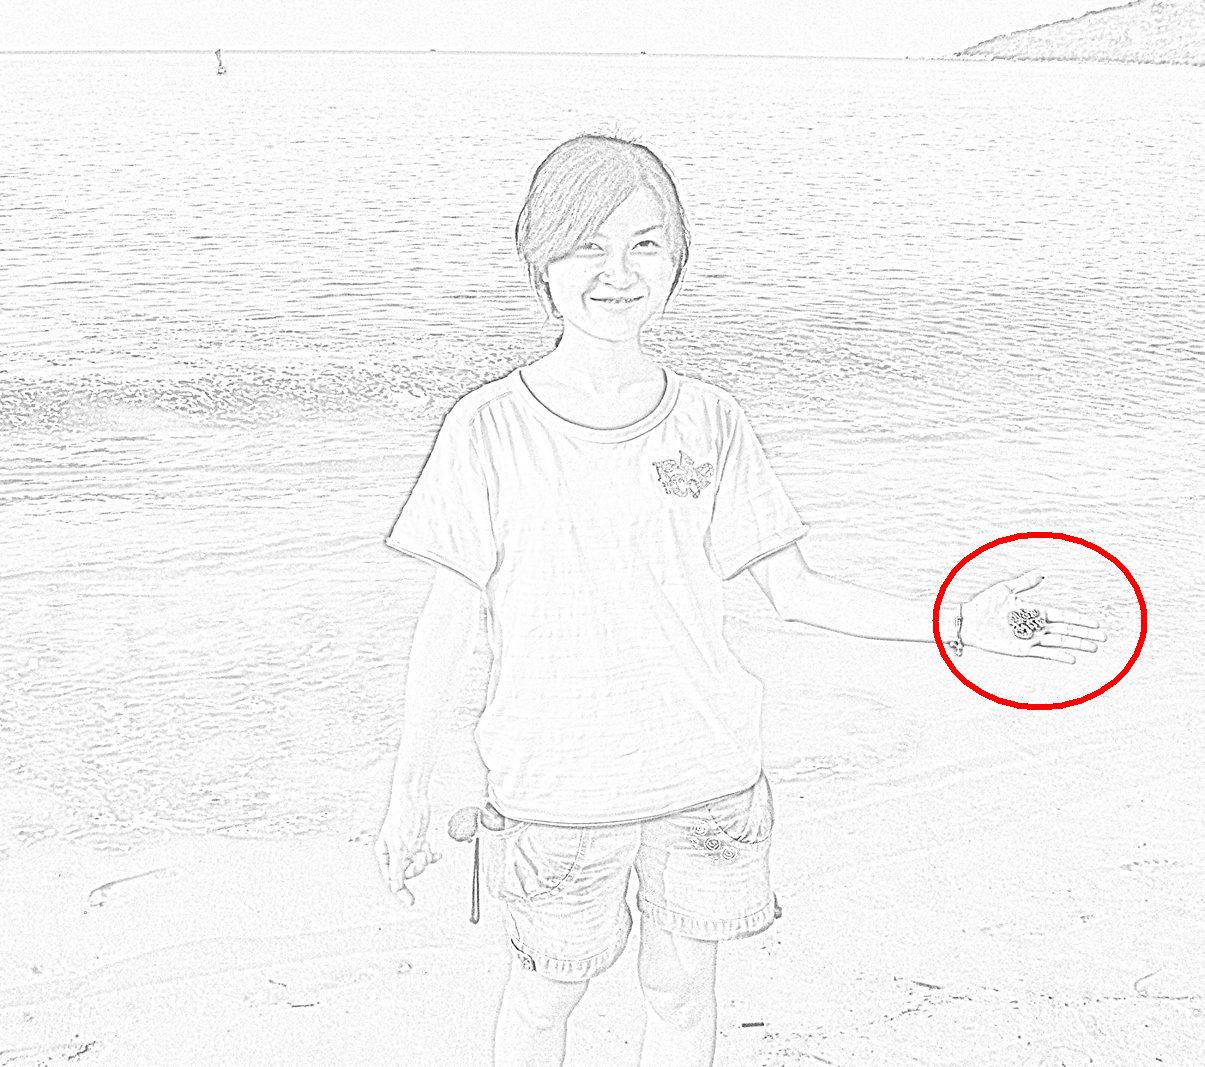 简笔画 平面图 手绘 线稿 605_412